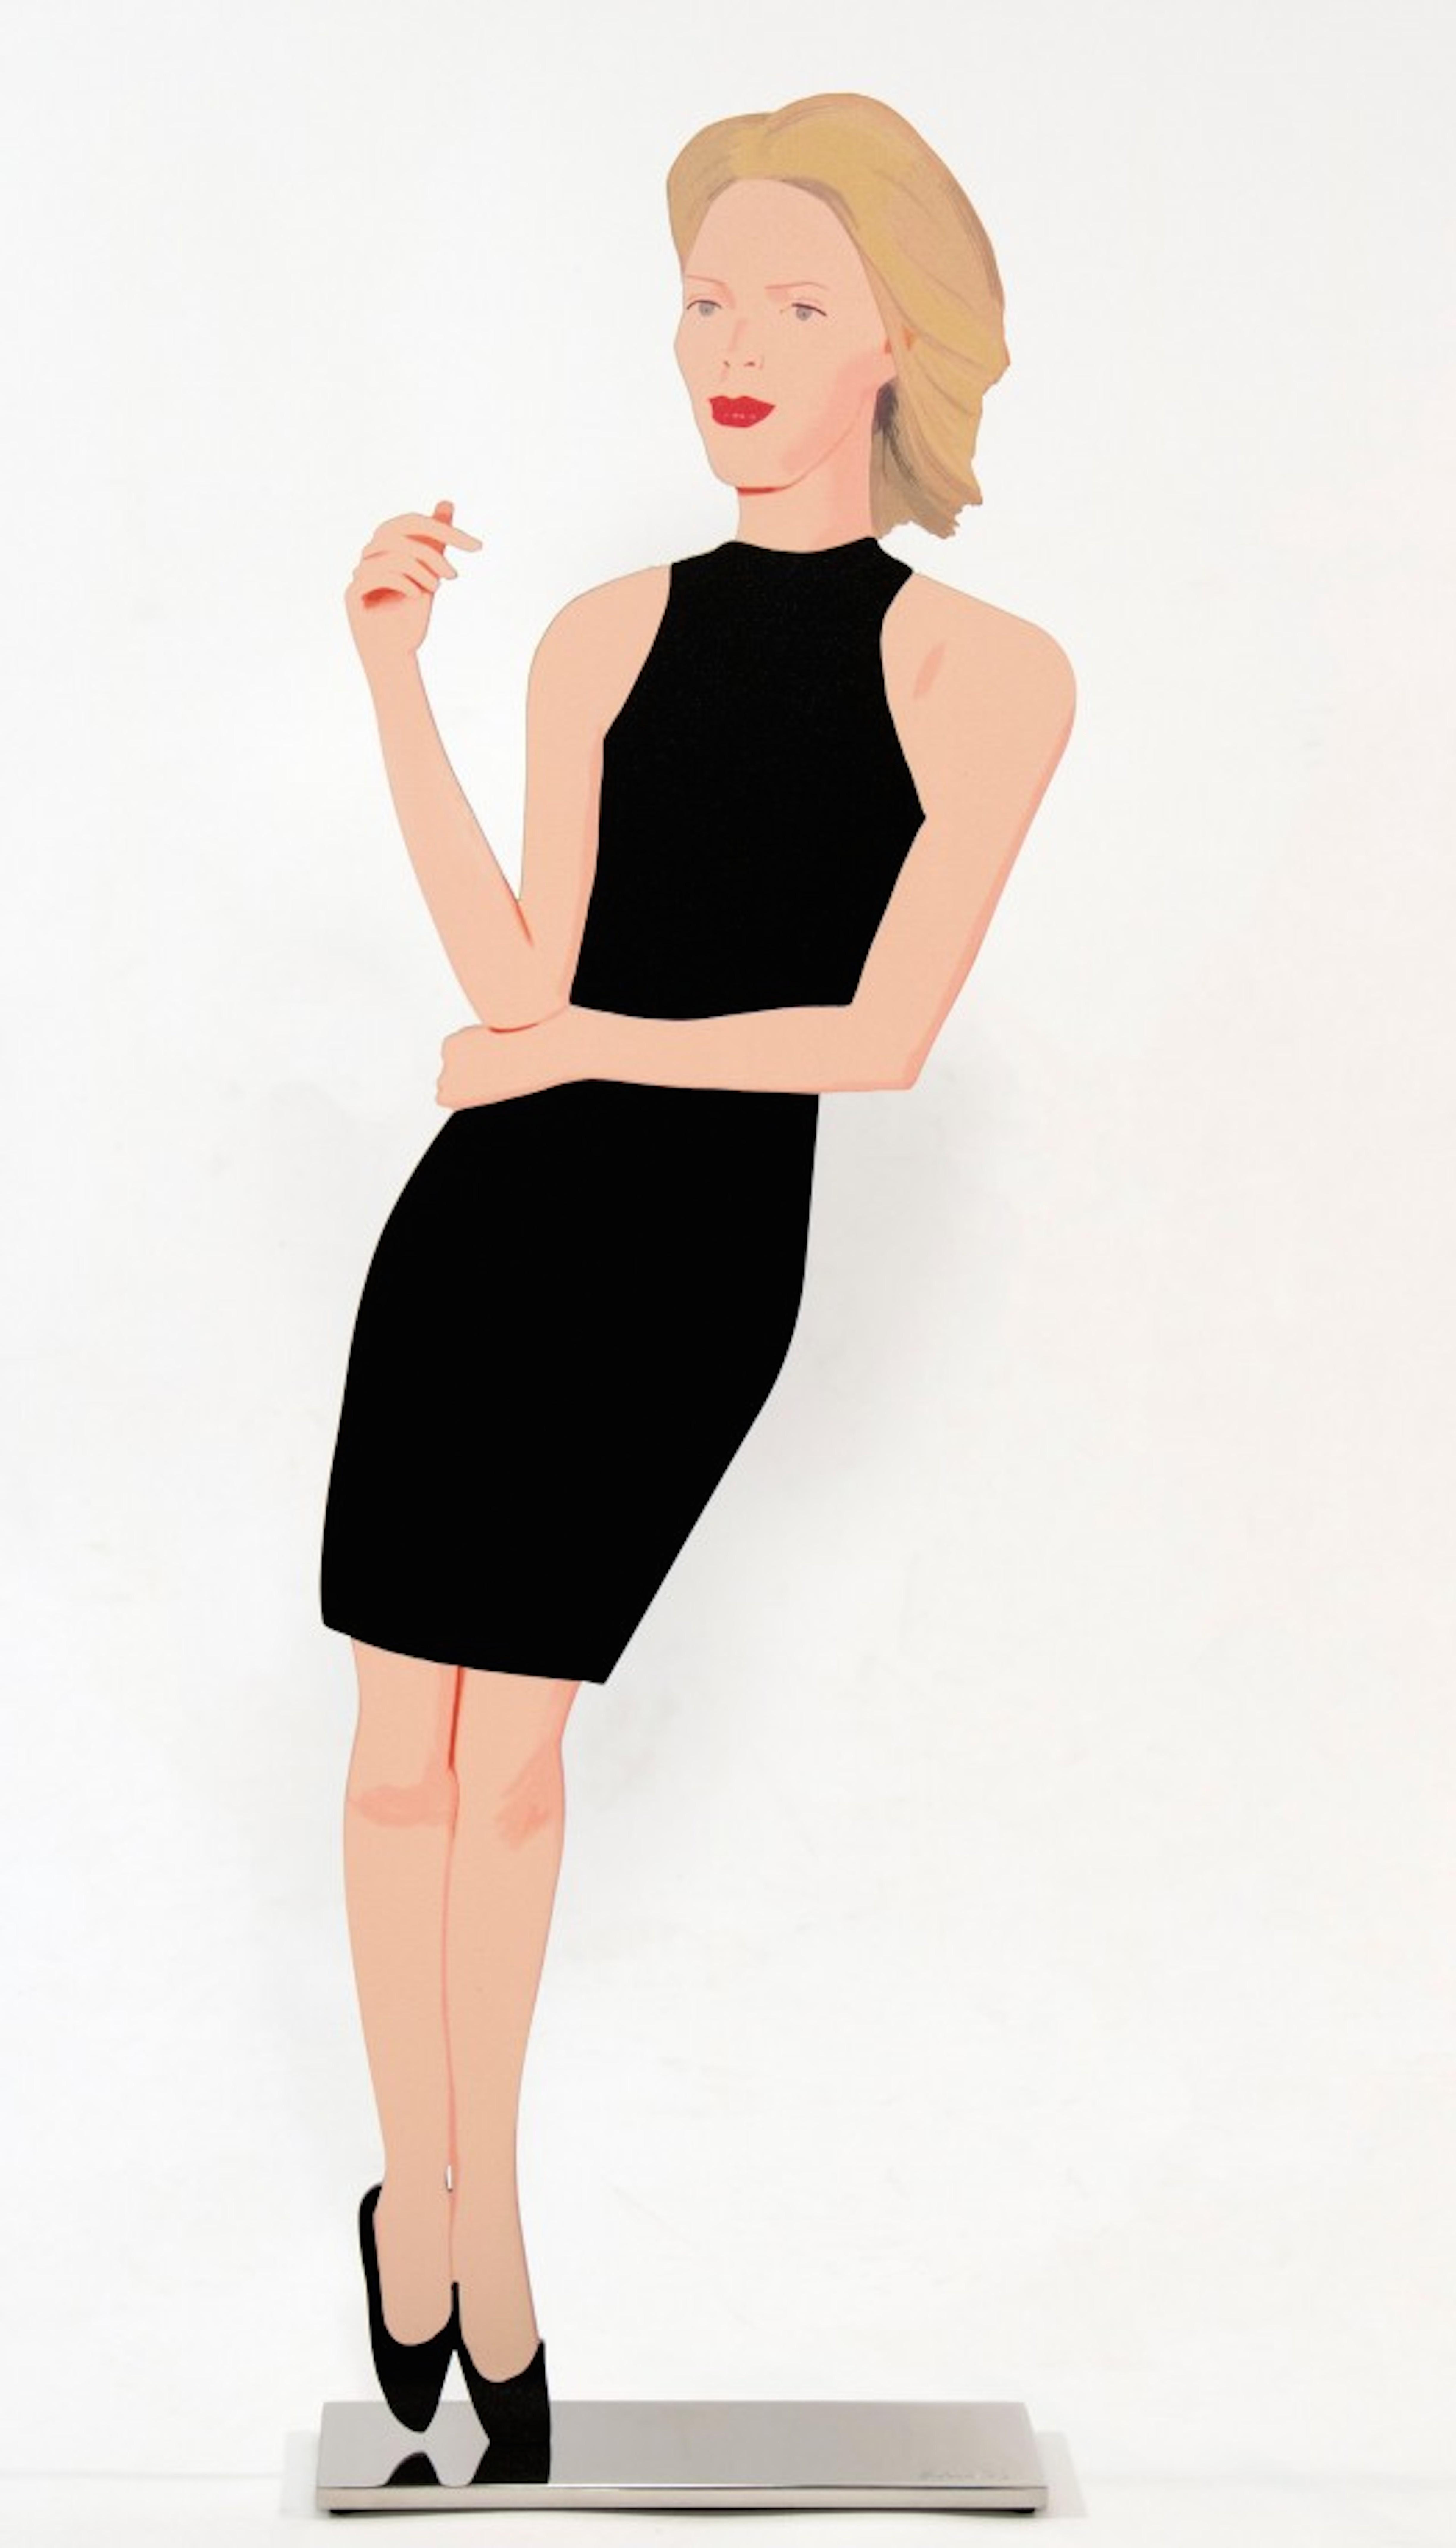 Ruth From Black Dress by Alex Katz